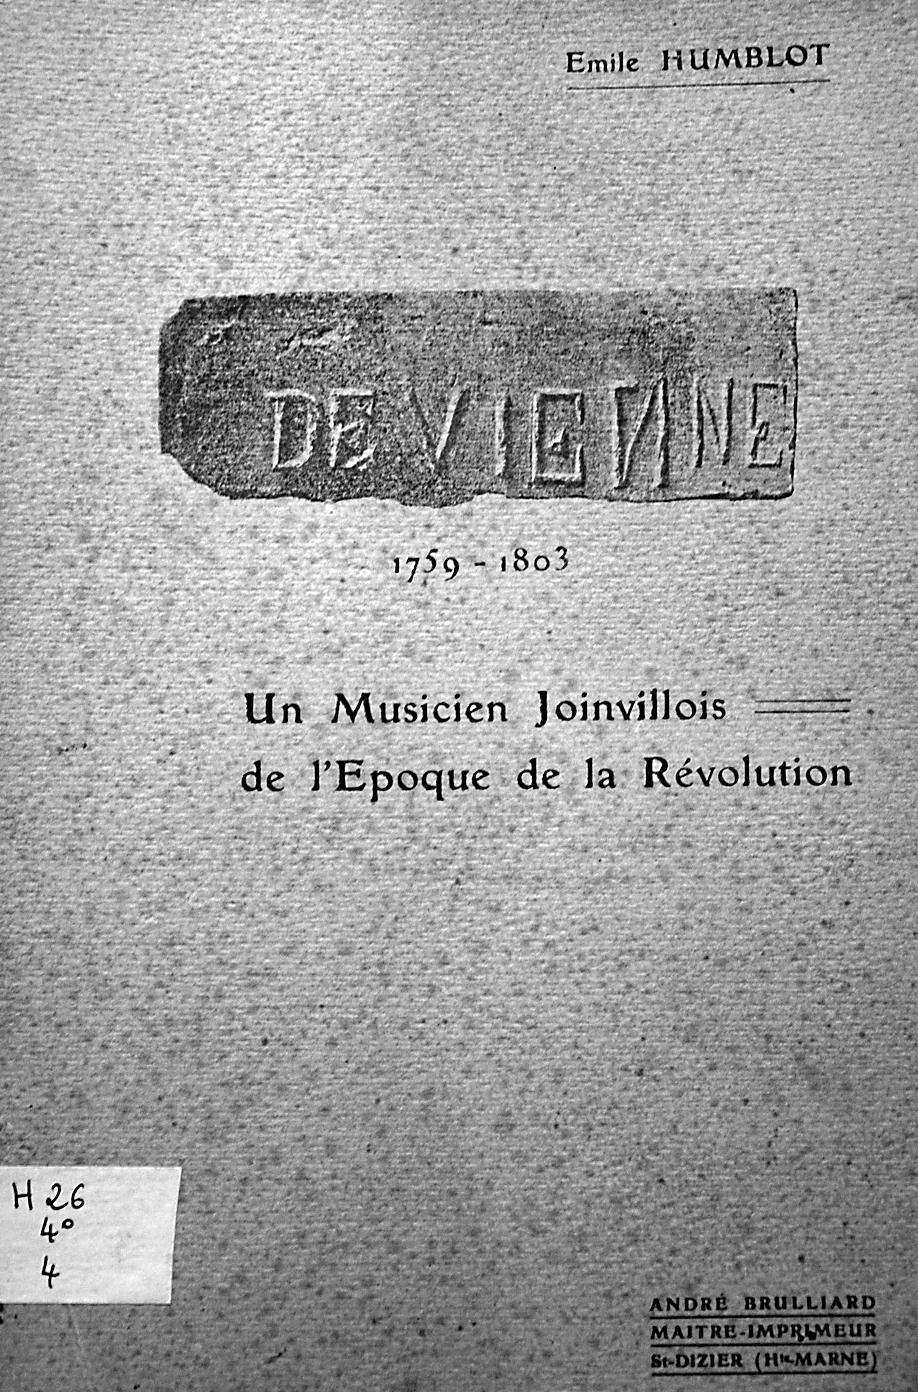 Devienne (Humblot E.) (1)